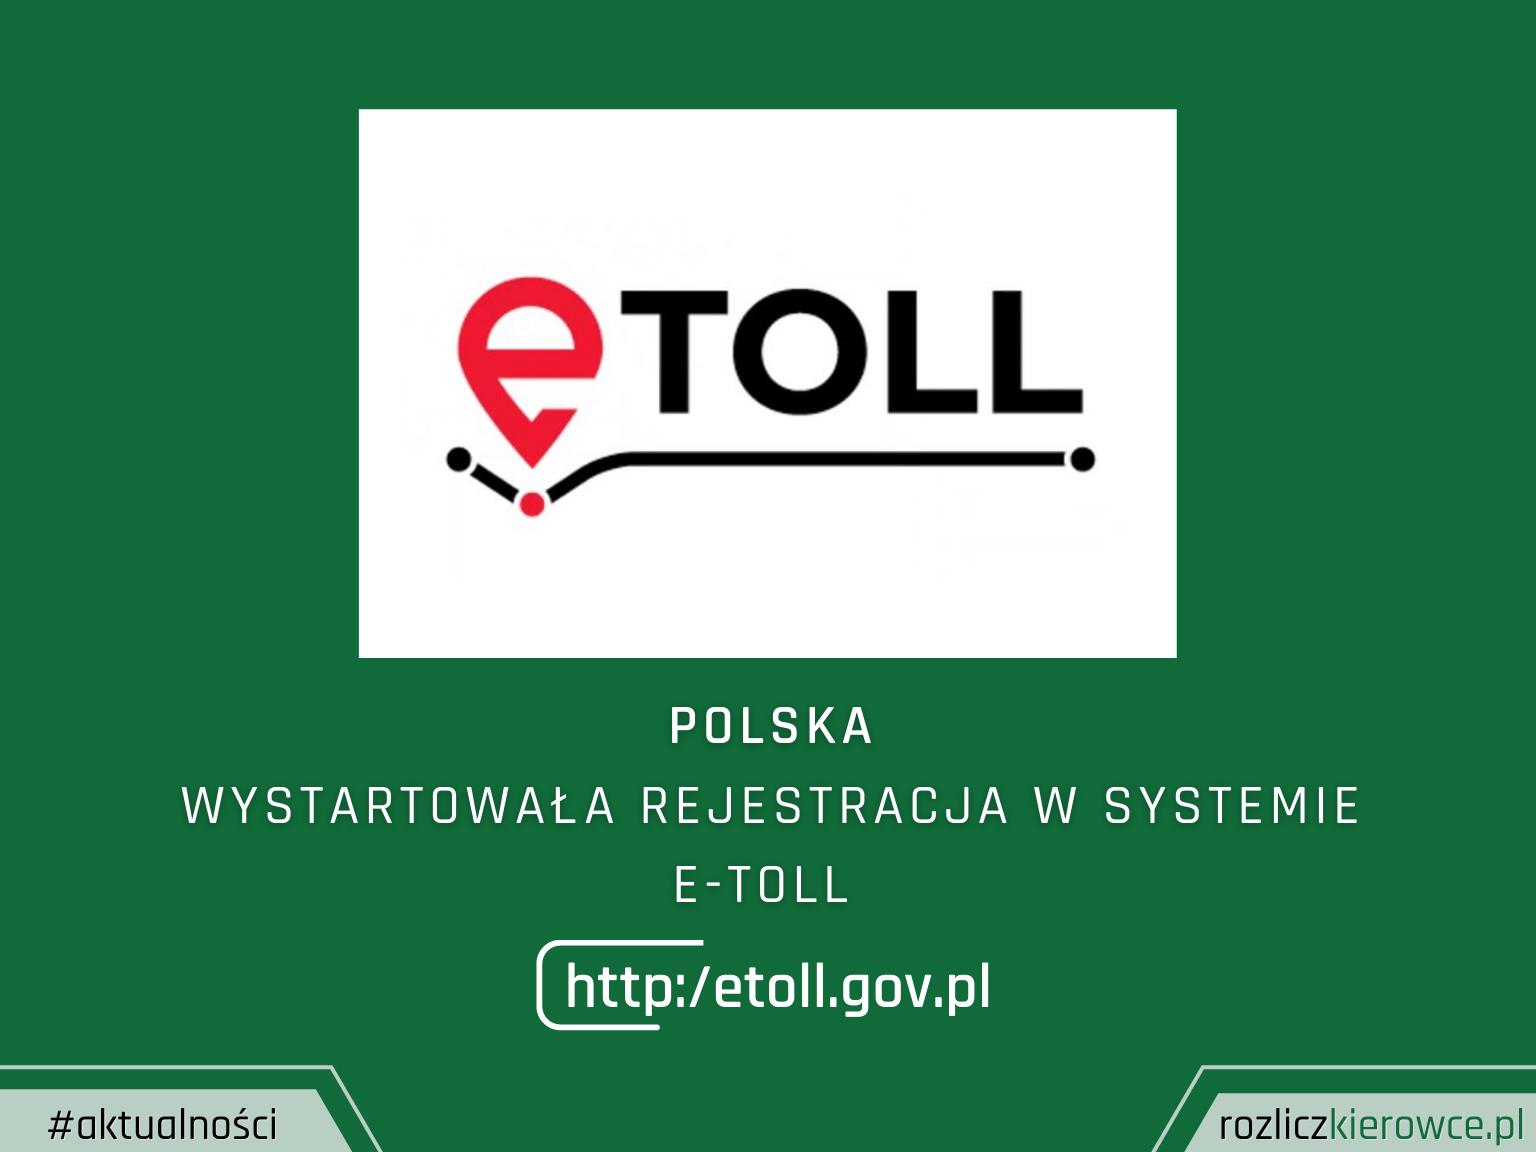 Wystartowała rejestracja w systemie e-TOLL